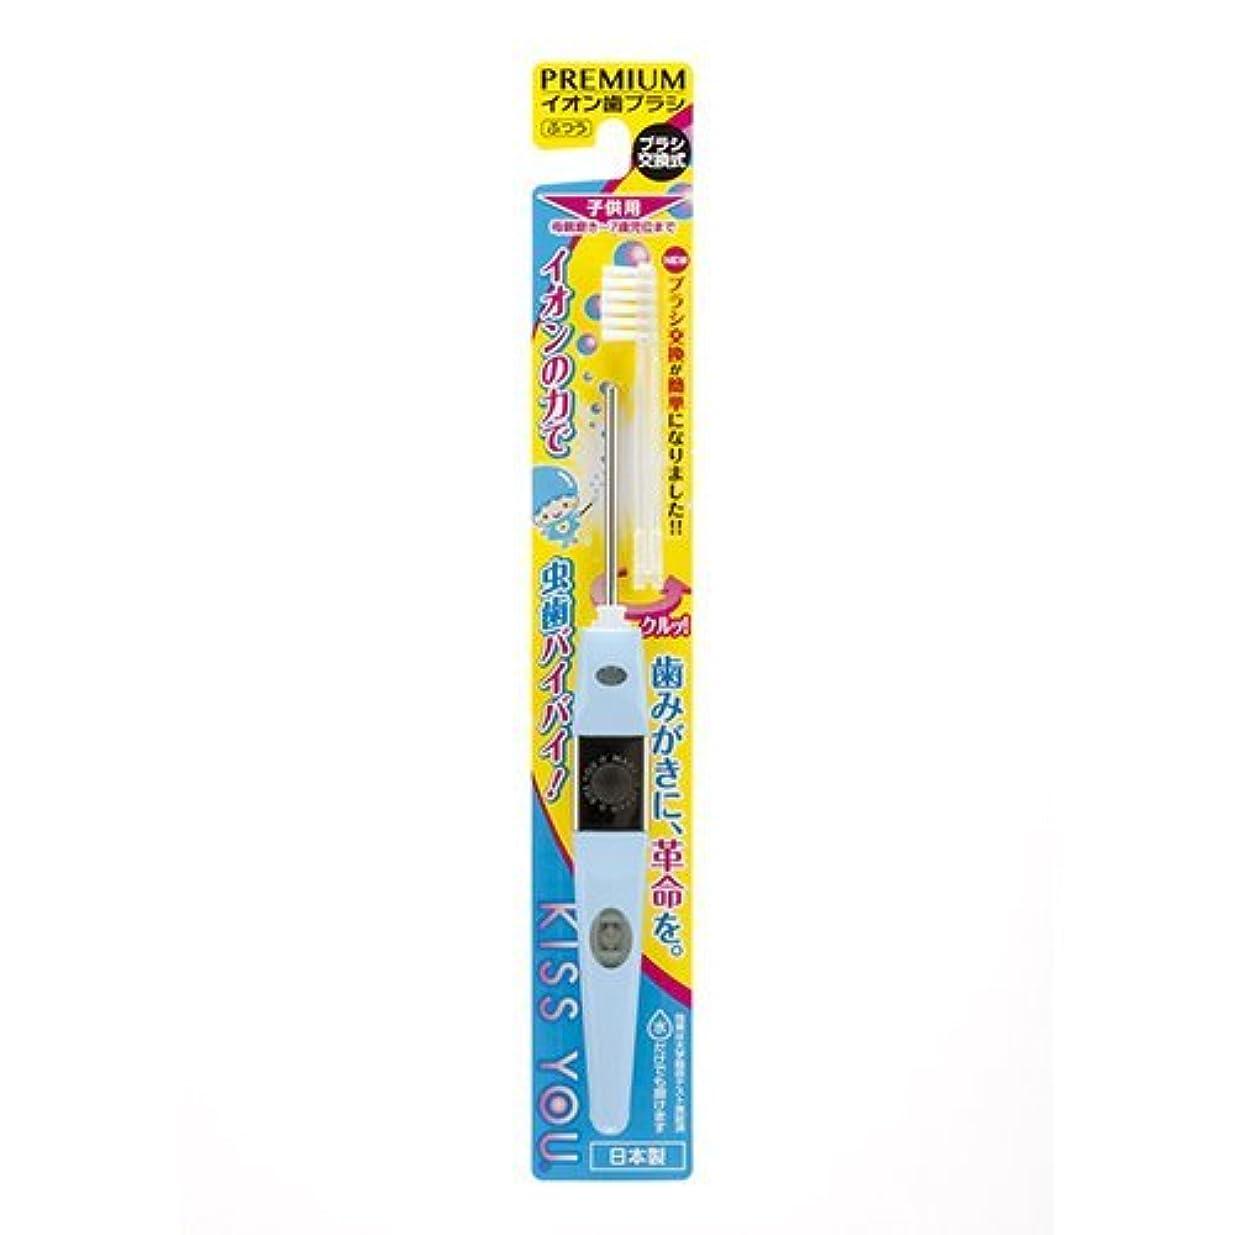 ラインナップミキサーフェードキスユー イオン歯ブラシ 子供用 本体 ふつう(ブルー)